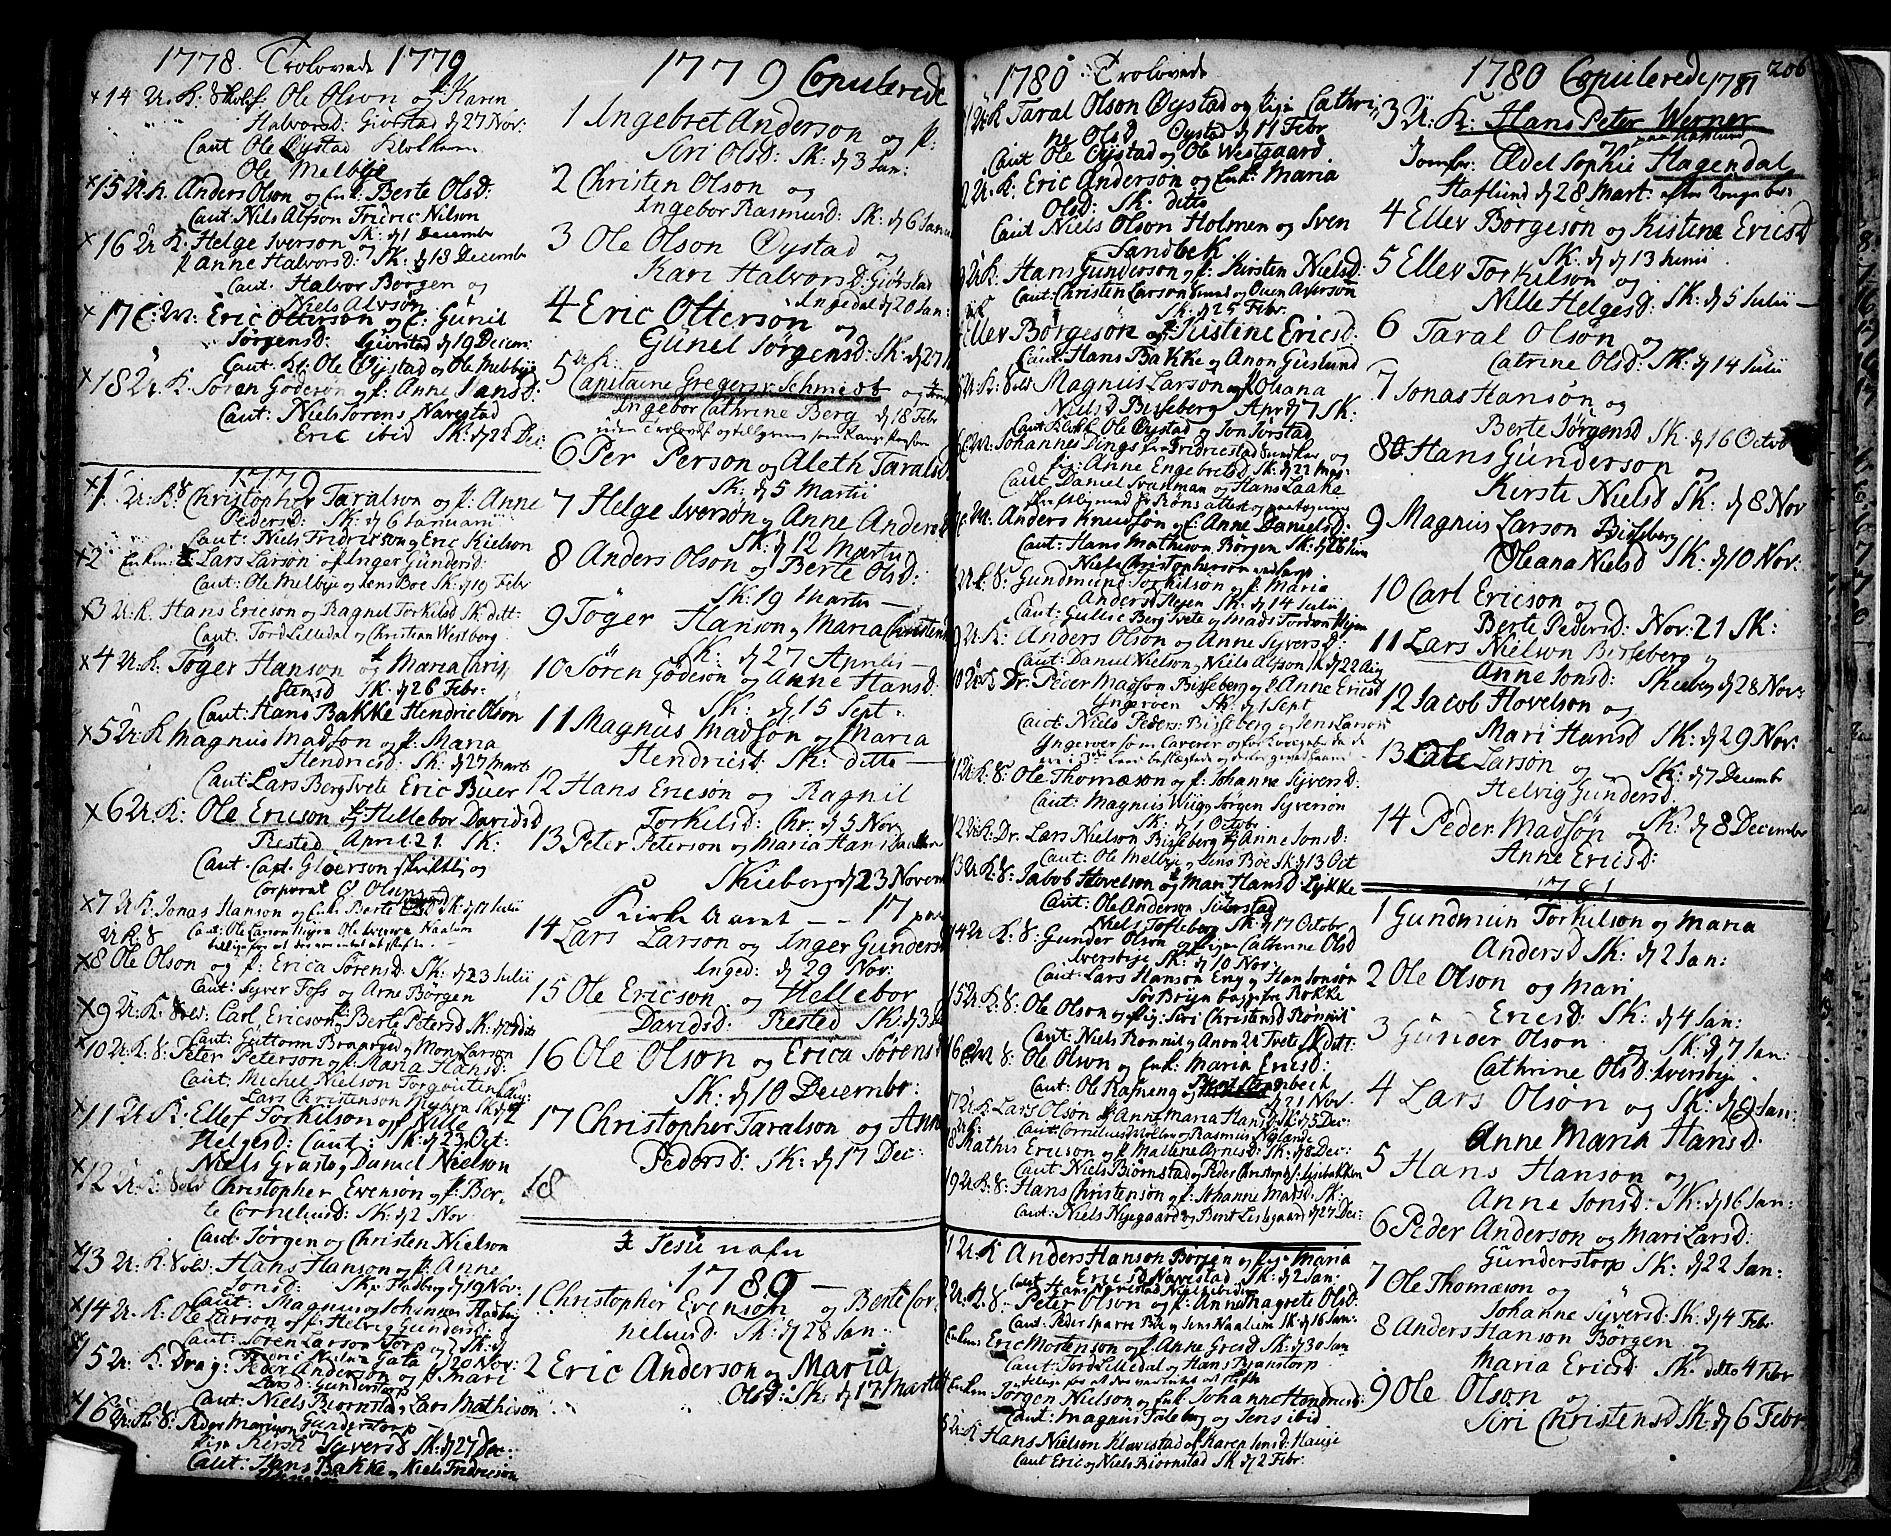 SAO, Skjeberg prestekontor Kirkebøker, F/Fa/L0002: Ministerialbok nr. I 2, 1726-1791, s. 206